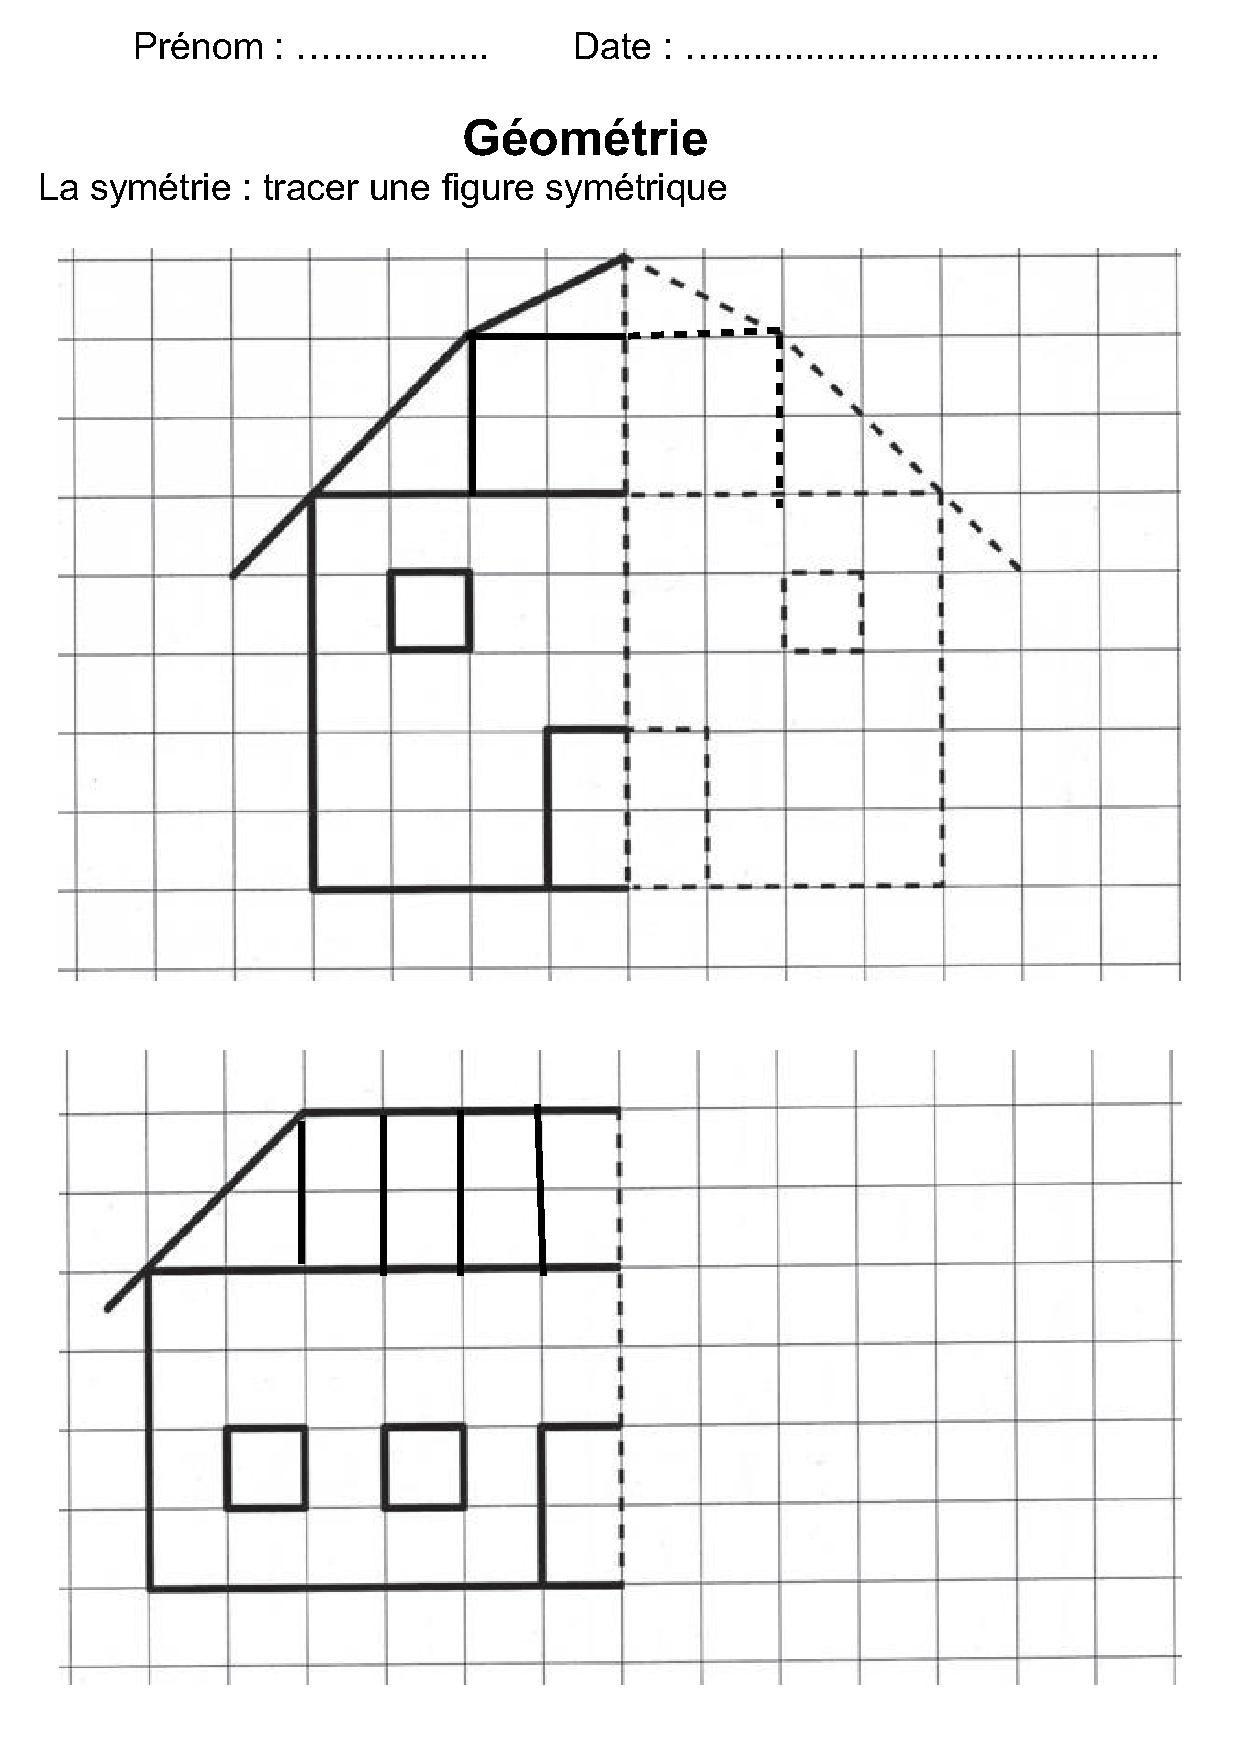 Géométrie Ce1,ce2,la Symétrie,reproduire Une Figure dedans Reproduction Sur Quadrillage Ce1